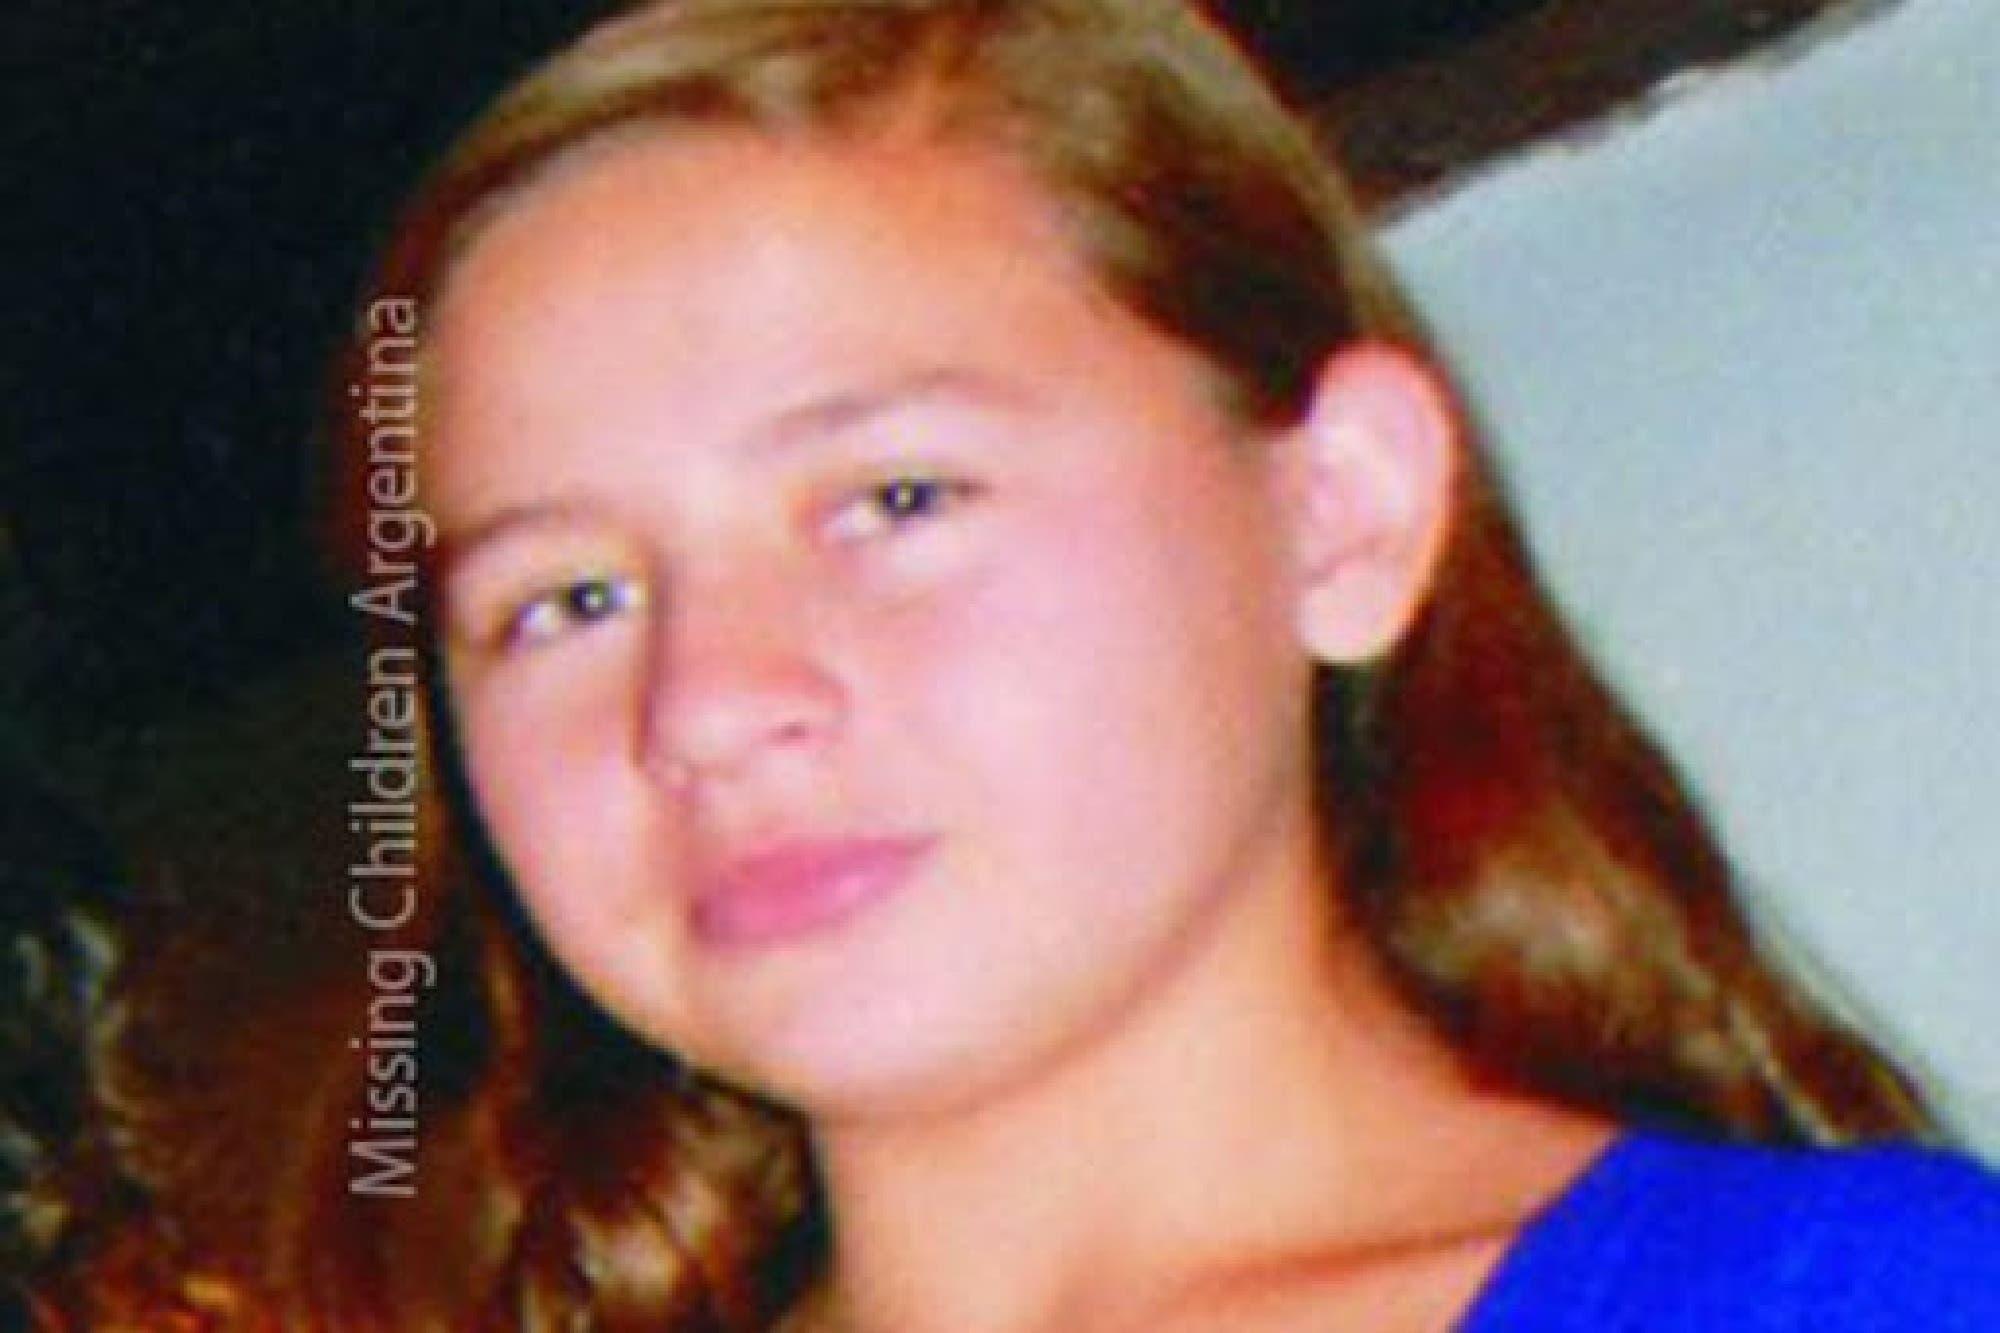 Mendoza. Rescatan de una red de trata a una joven que había desaparecido en 2011